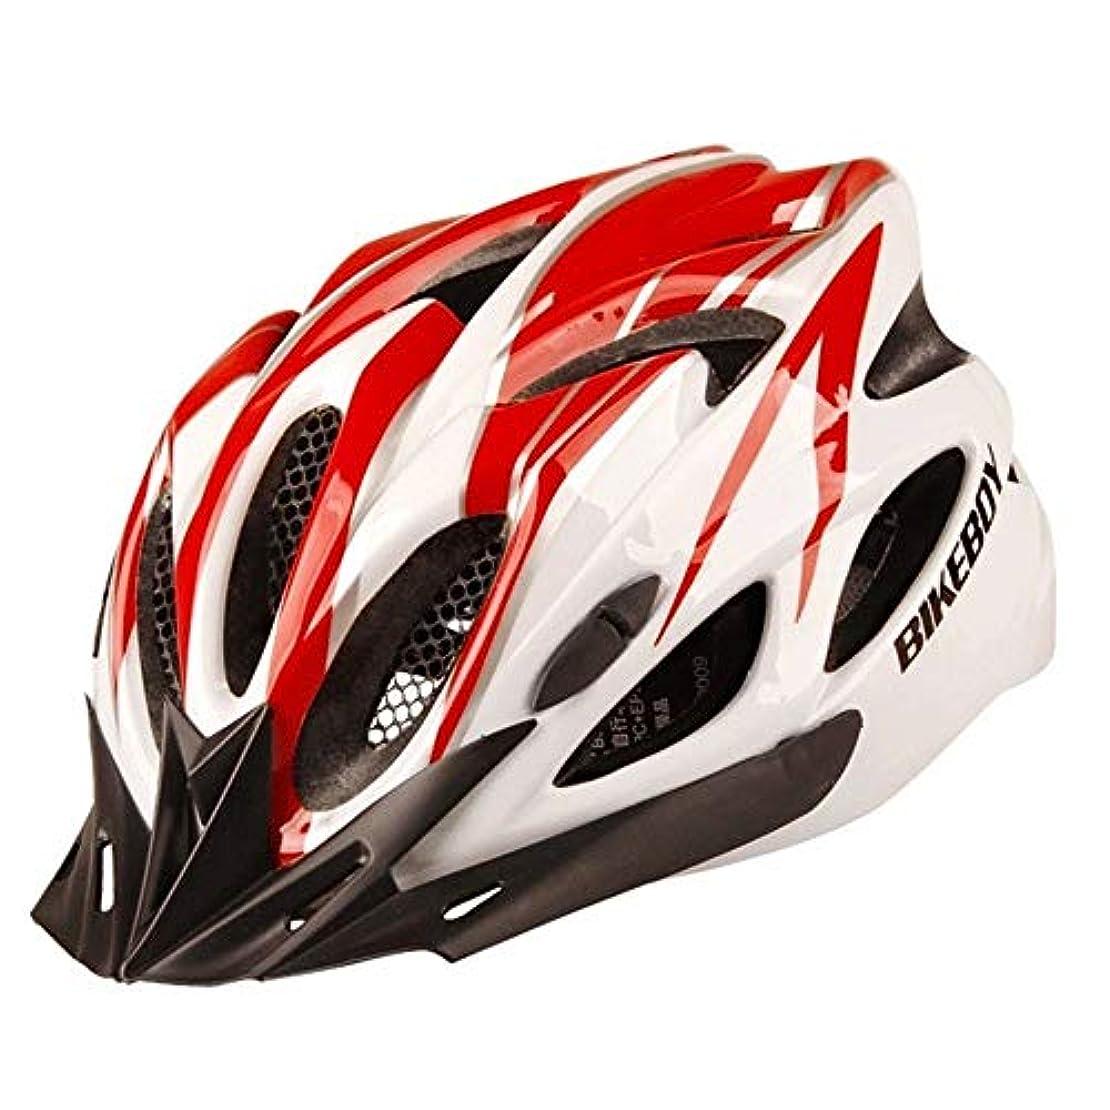 くびれた迷彩店主CXUNKK サイクリングヘルメット自転車マウンテンバイクロードヘルメットヘルメット